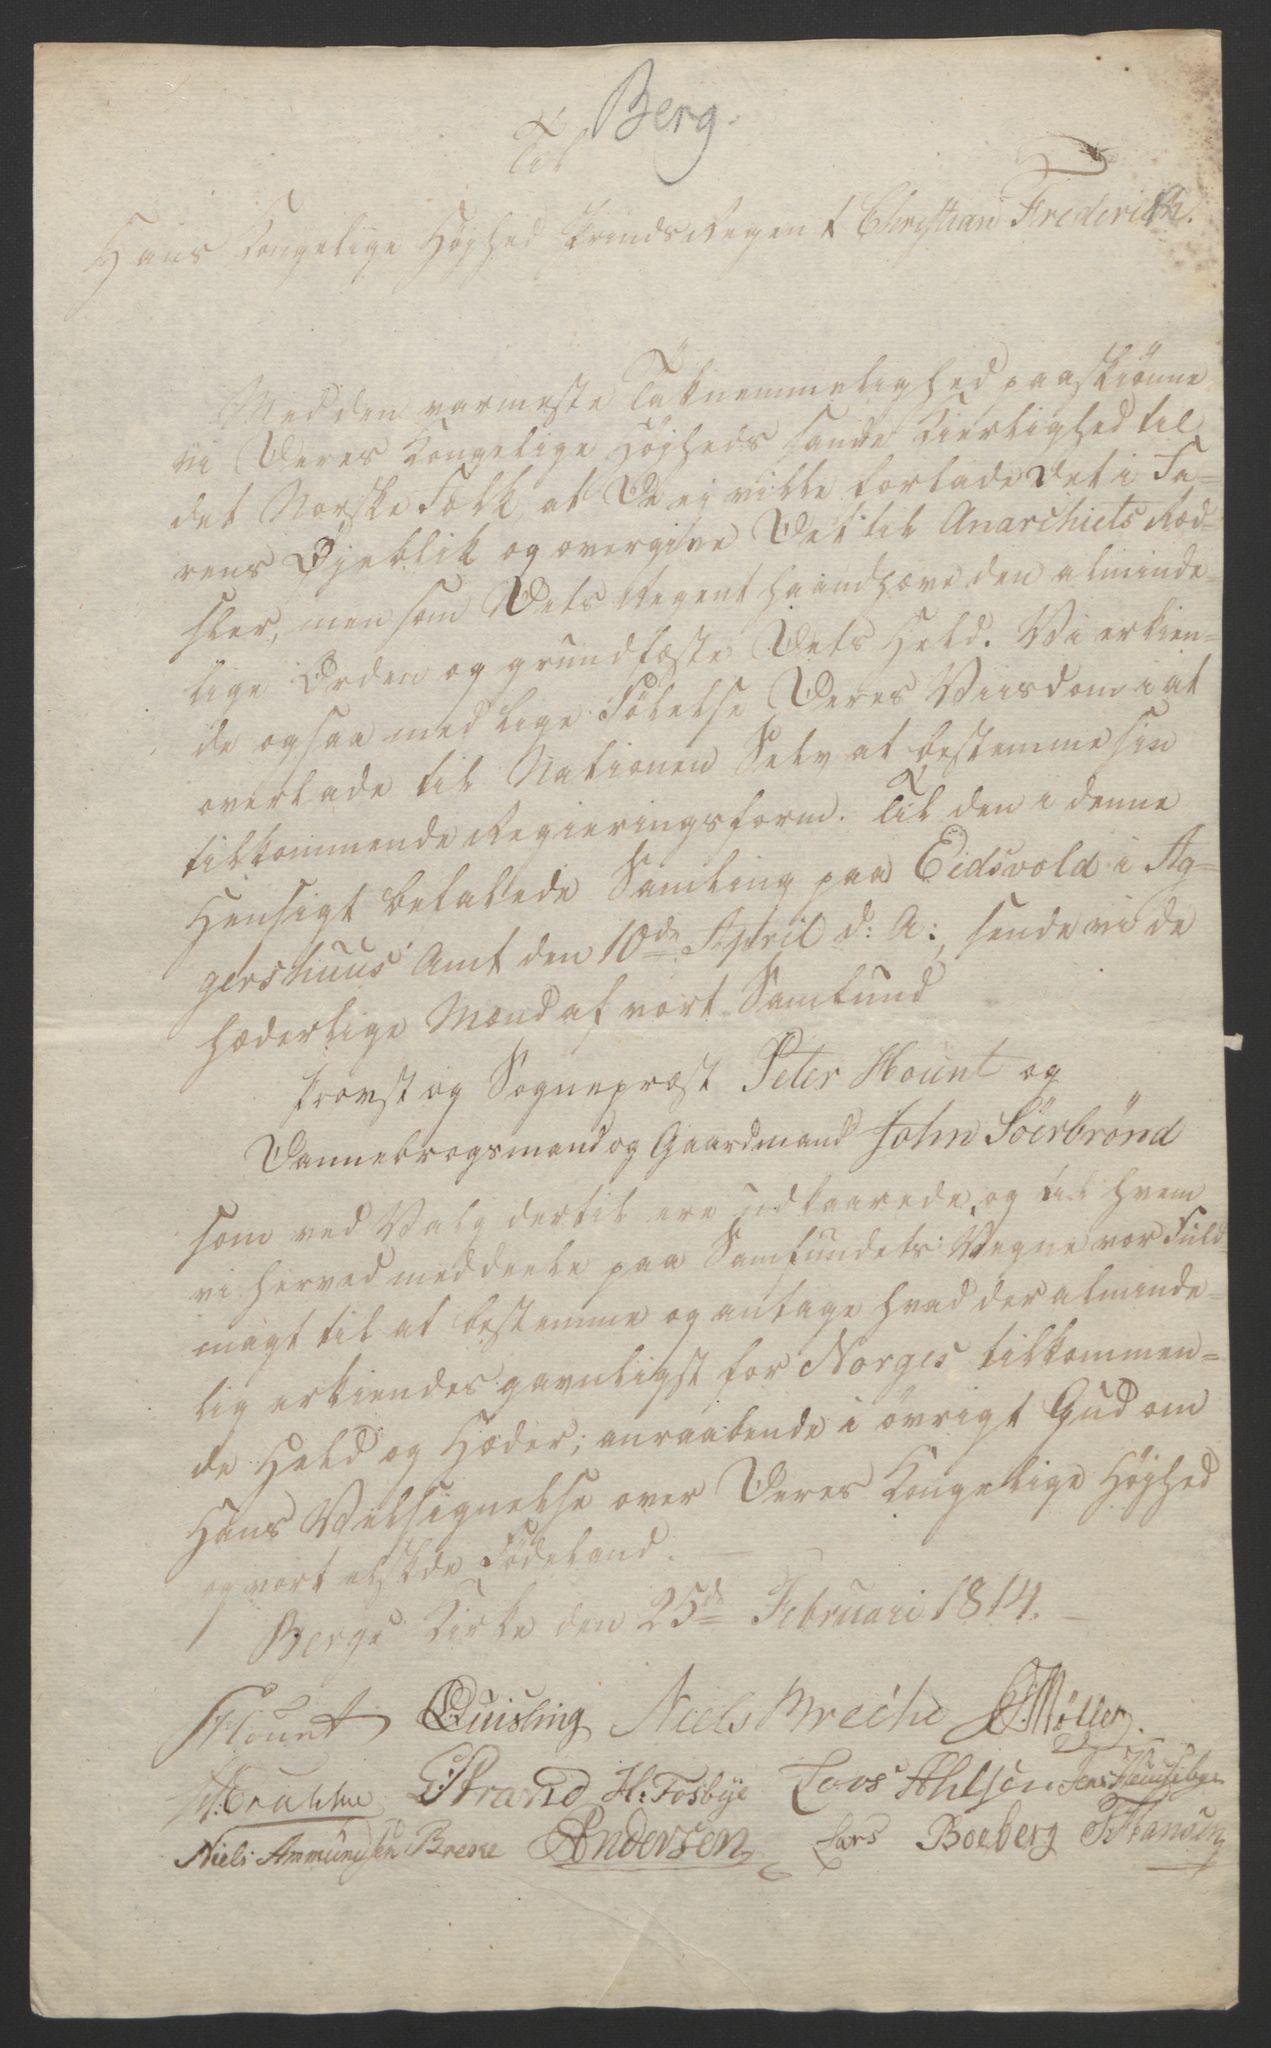 RA, Statsrådssekretariatet, D/Db/L0007: Fullmakter for Eidsvollsrepresentantene i 1814. , 1814, s. 142